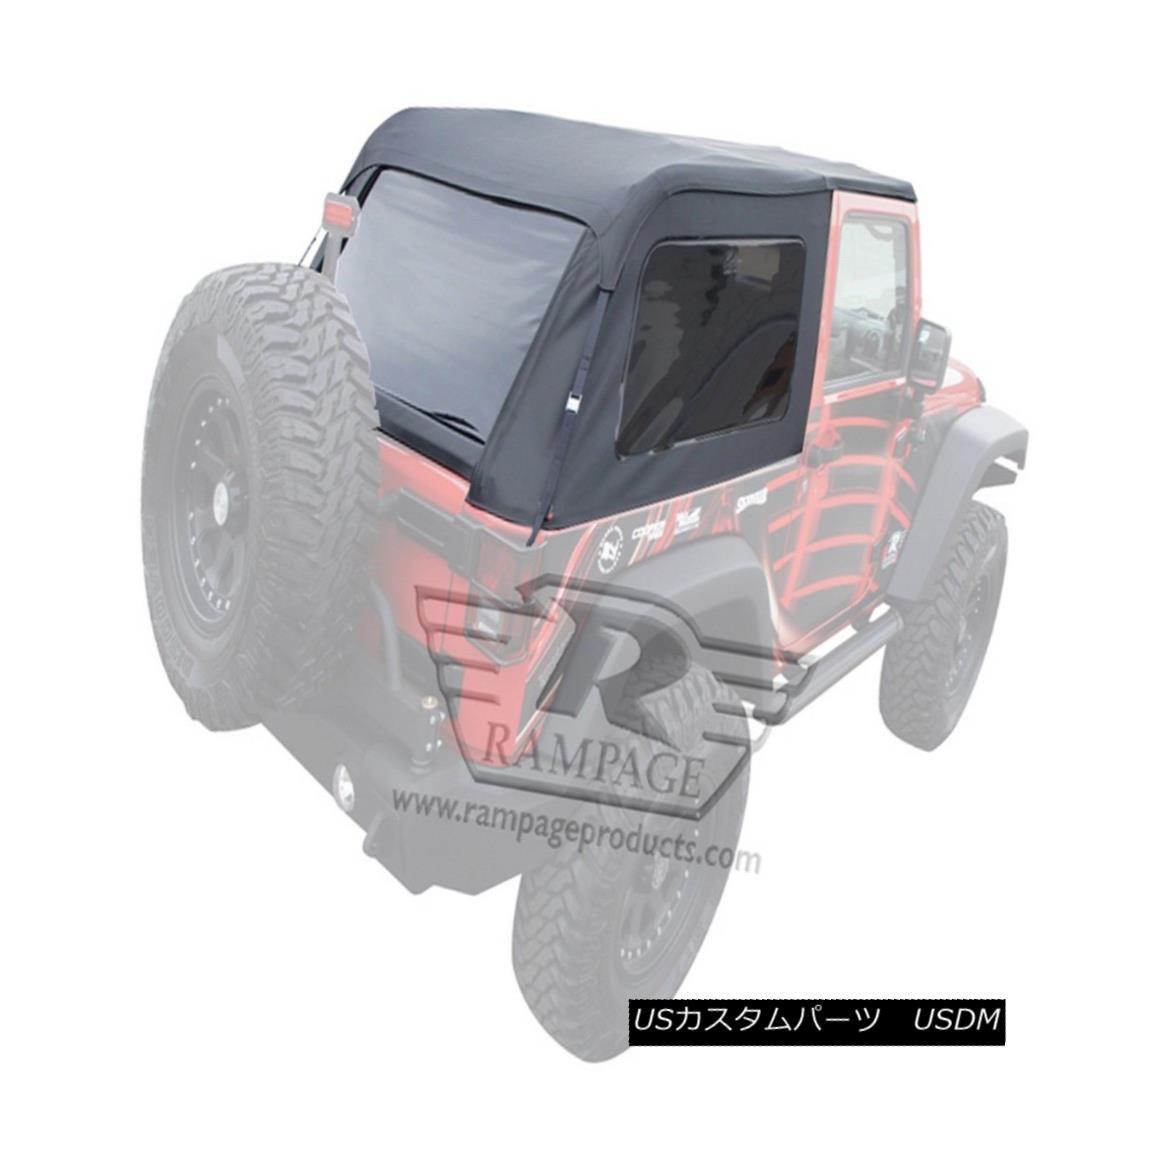 幌・ソフトトップ Rampage 109935 Frameless Soft Top Kit Sailcloth Fits 2007-2016 Jeep Wrangler JK Rampage 109935フレームレスソフトトップキットSailcloth Fits 2007-2016 Jeep Wrangler JK